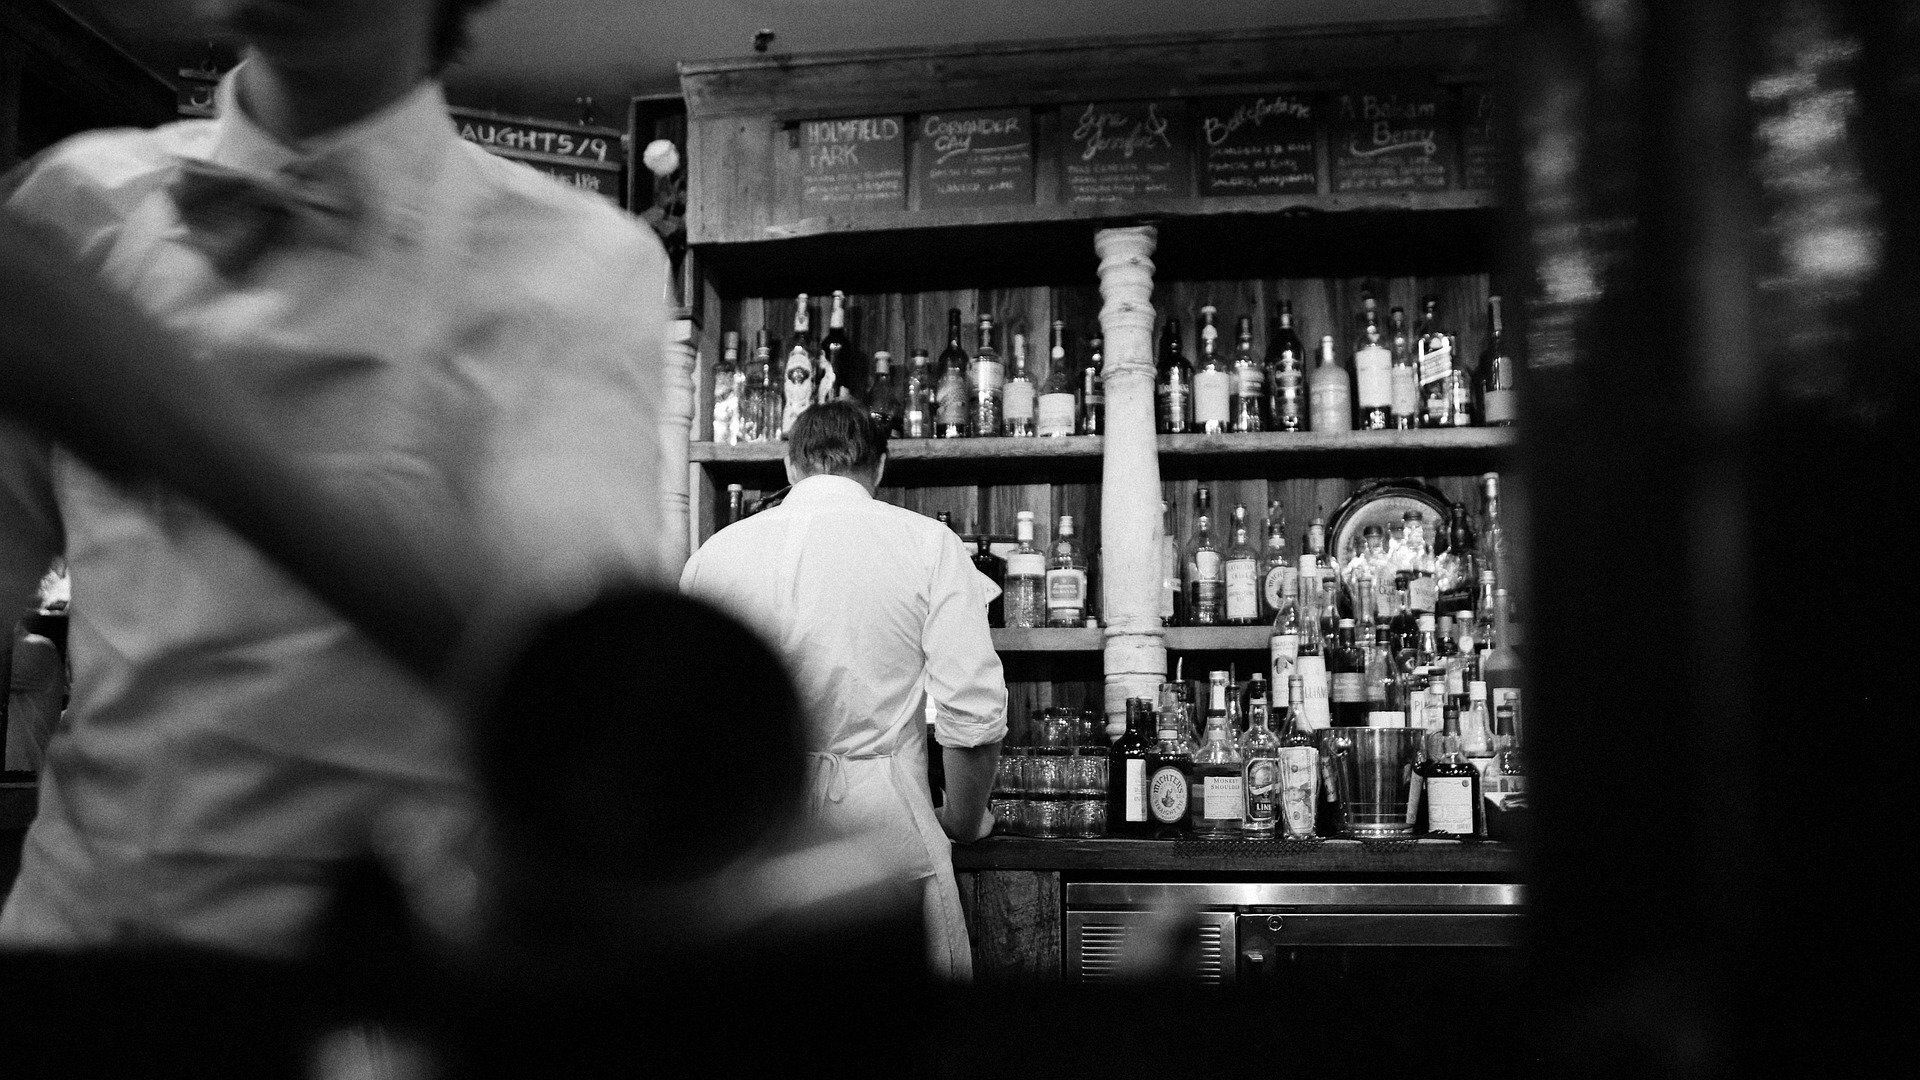 Camarero de espaldas en la barra de un bar - Sputnik Mundo, 1920, 19.08.2021